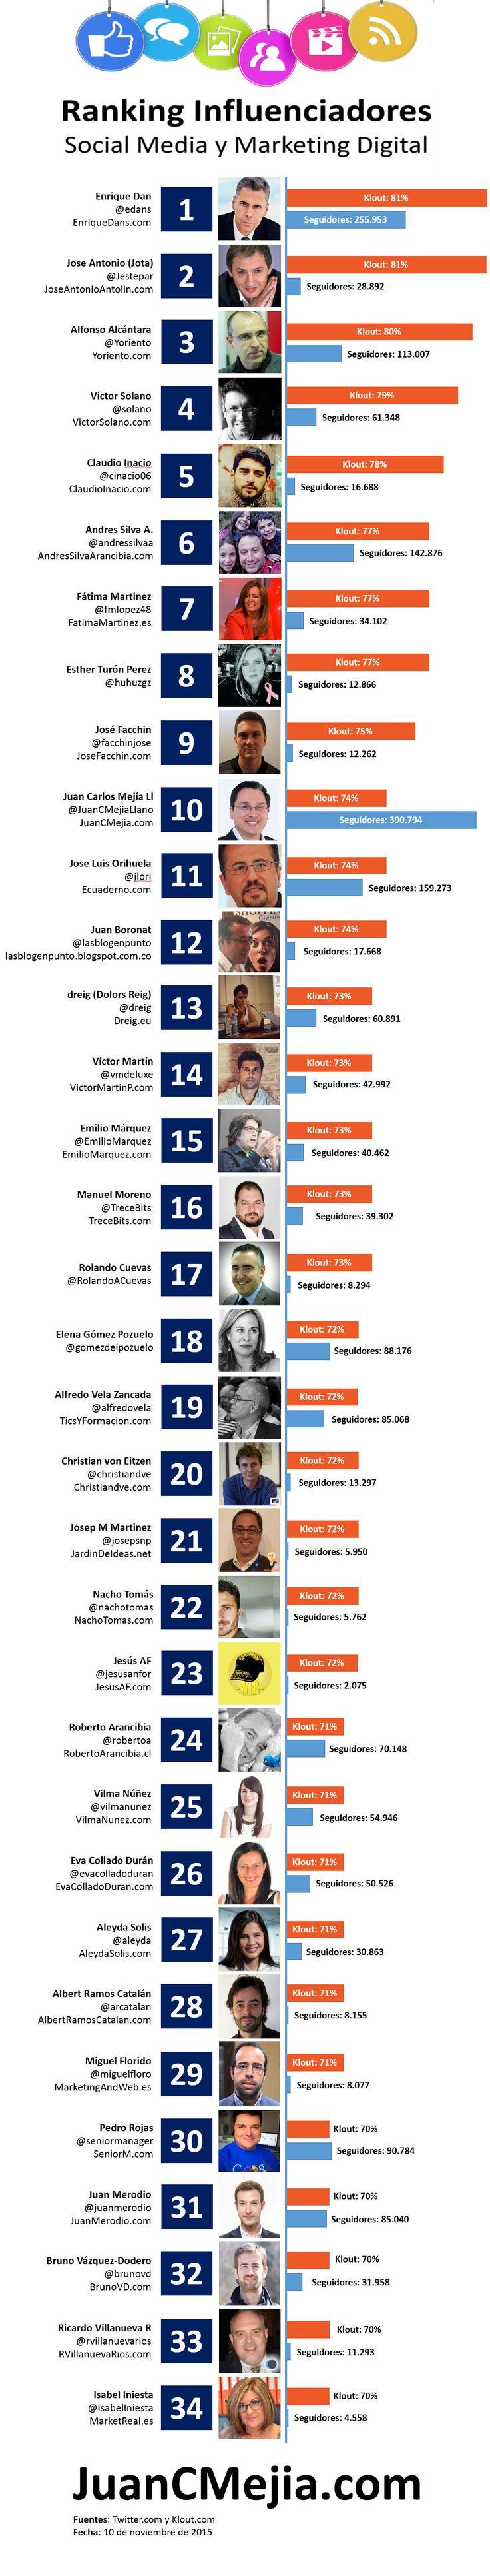 Ranking de influenciadores en español de social media y marketing digital. Actualizado noviembre de 2015. Infografía en español. #CommunityManager